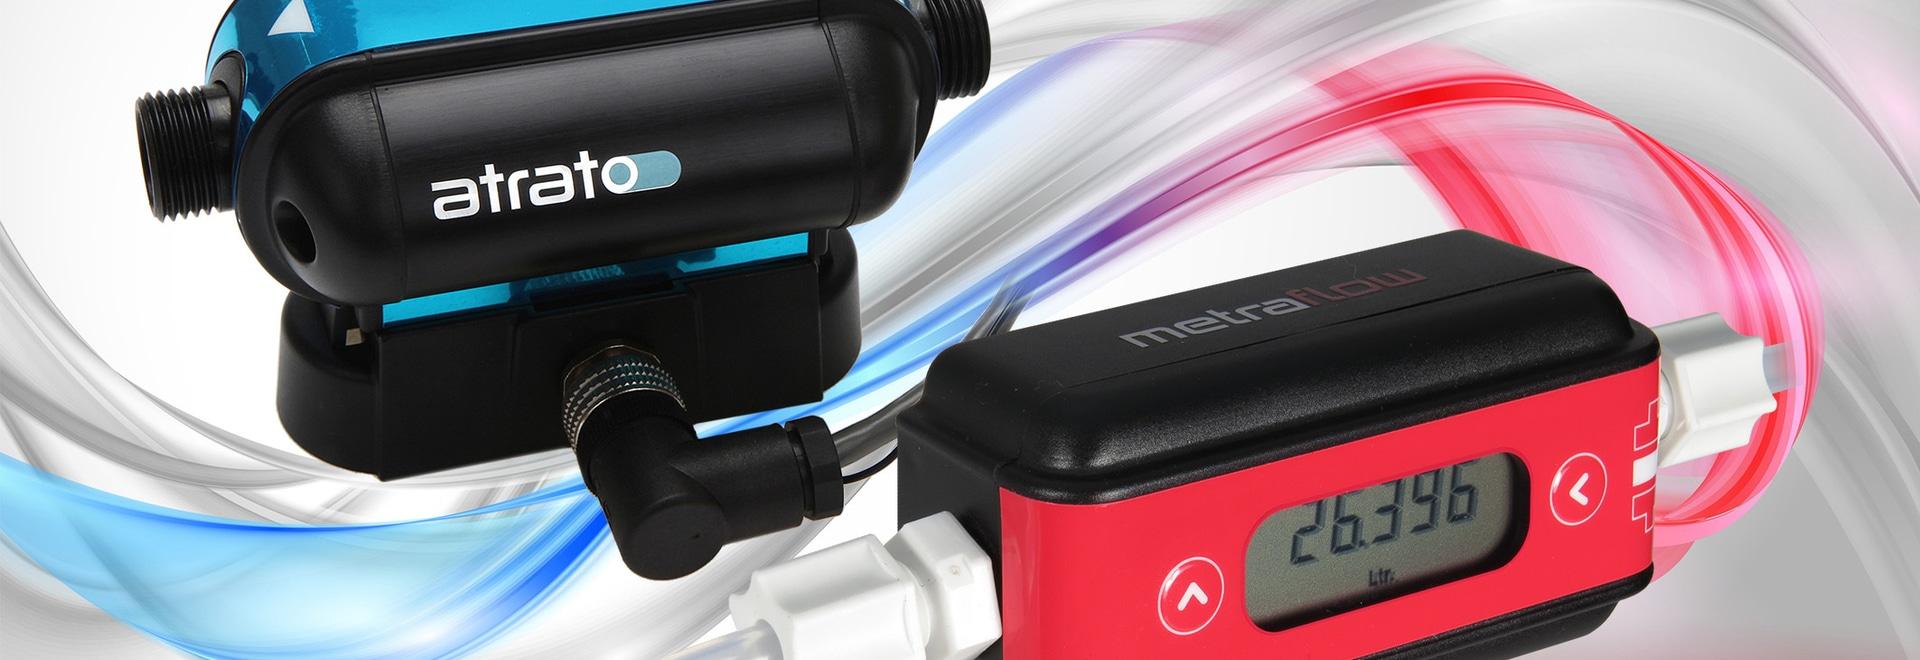 El software del medidor de flujo permite la sintonía con la señal óptima de la aplicación